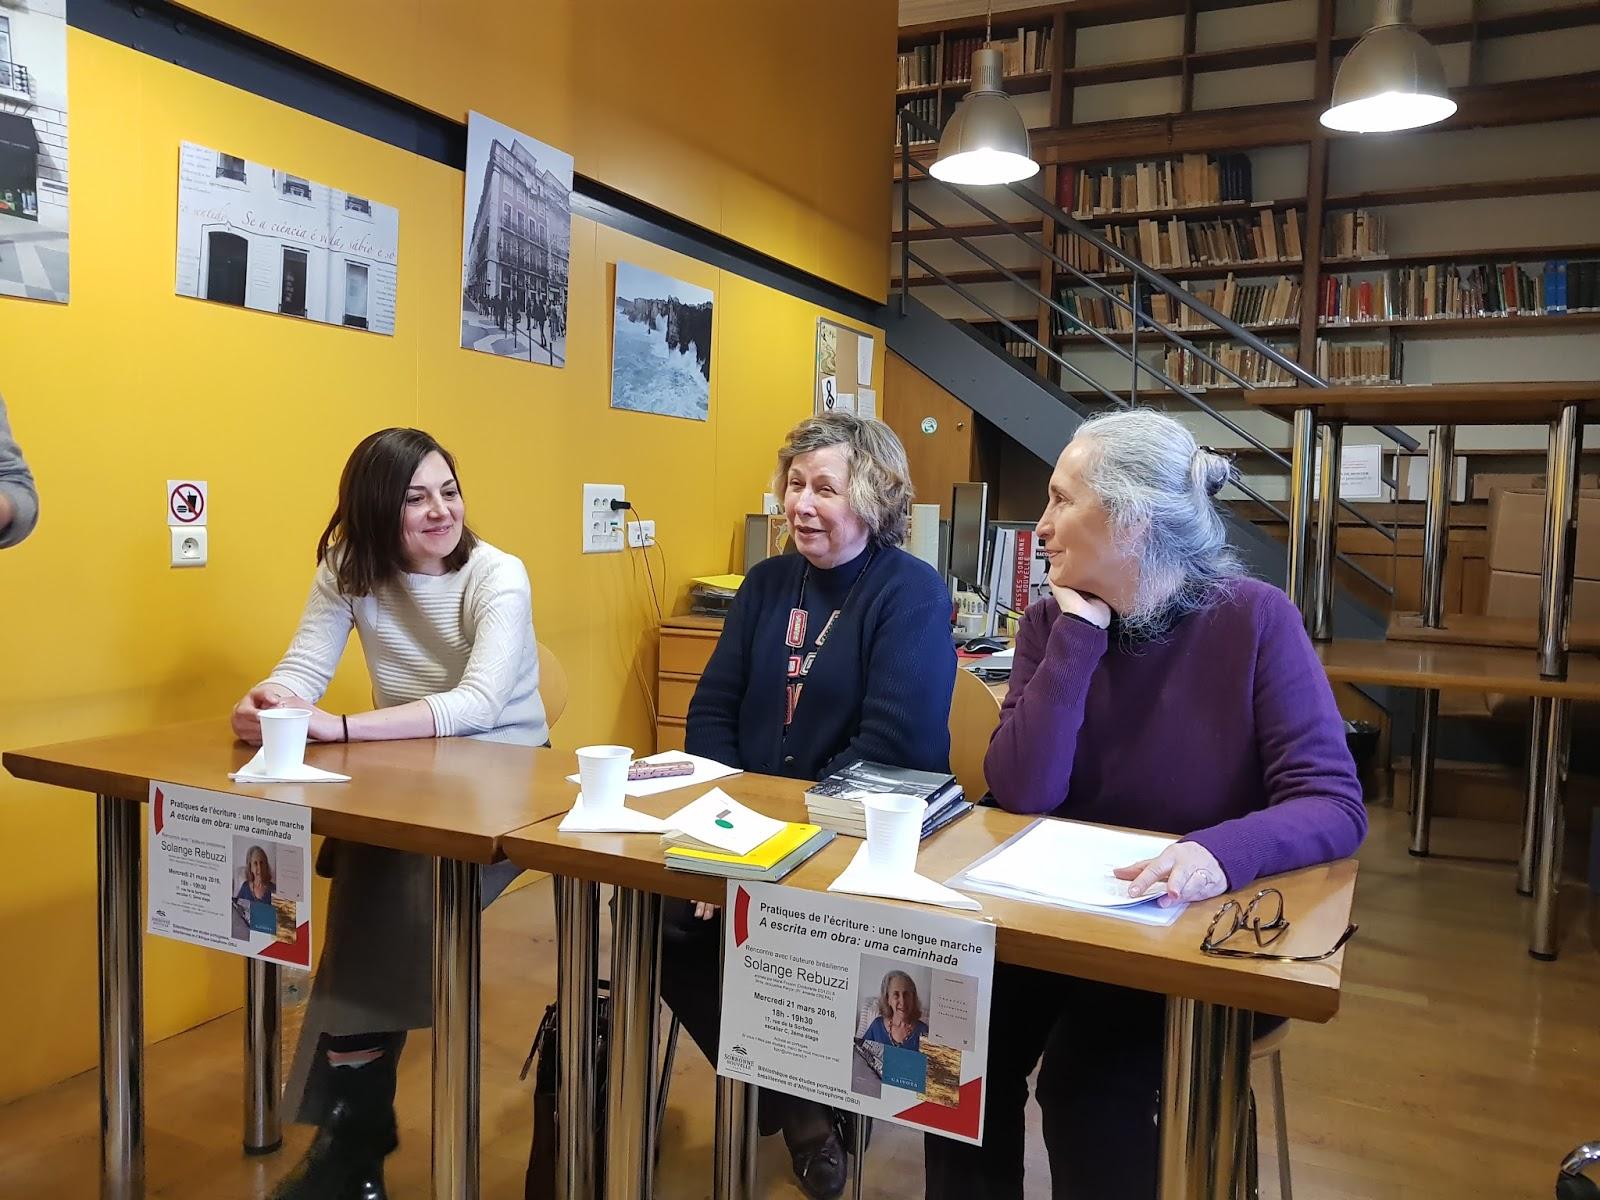 Apresentação de meus livros na Sorbonne, Paris3. 2018